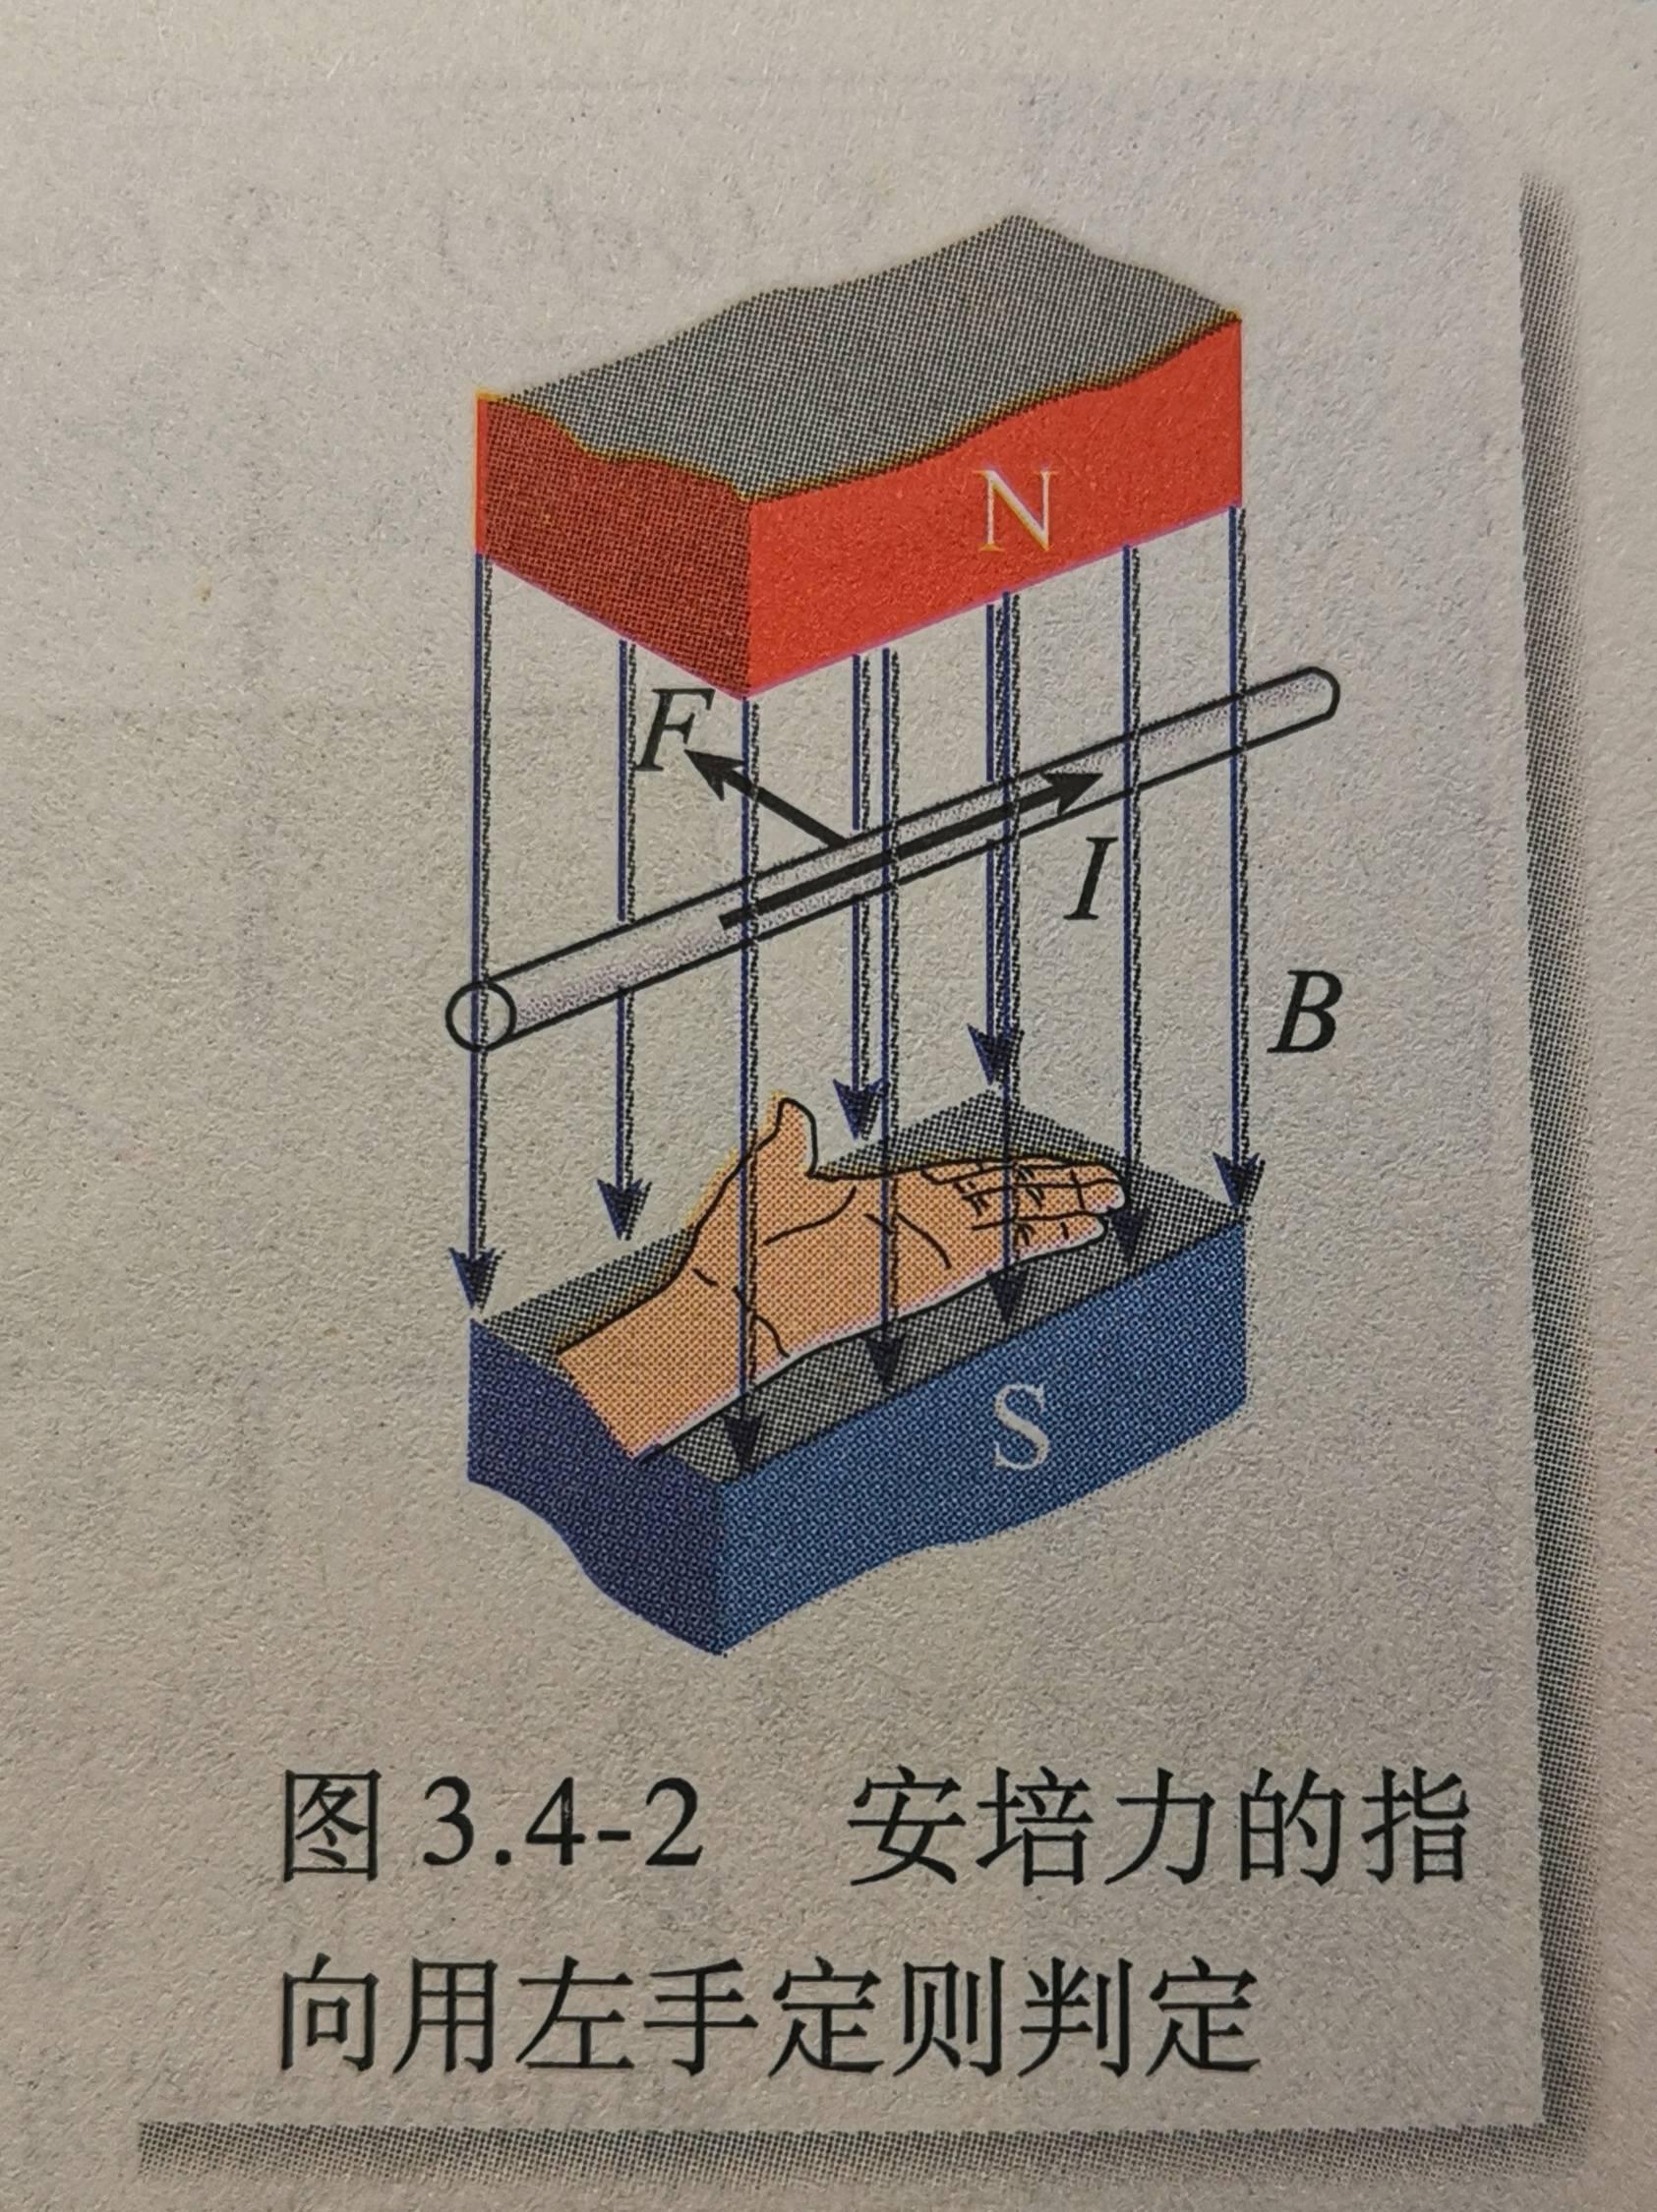 安培力和洛伦兹力的区别(洛伦兹力左手定则图解)